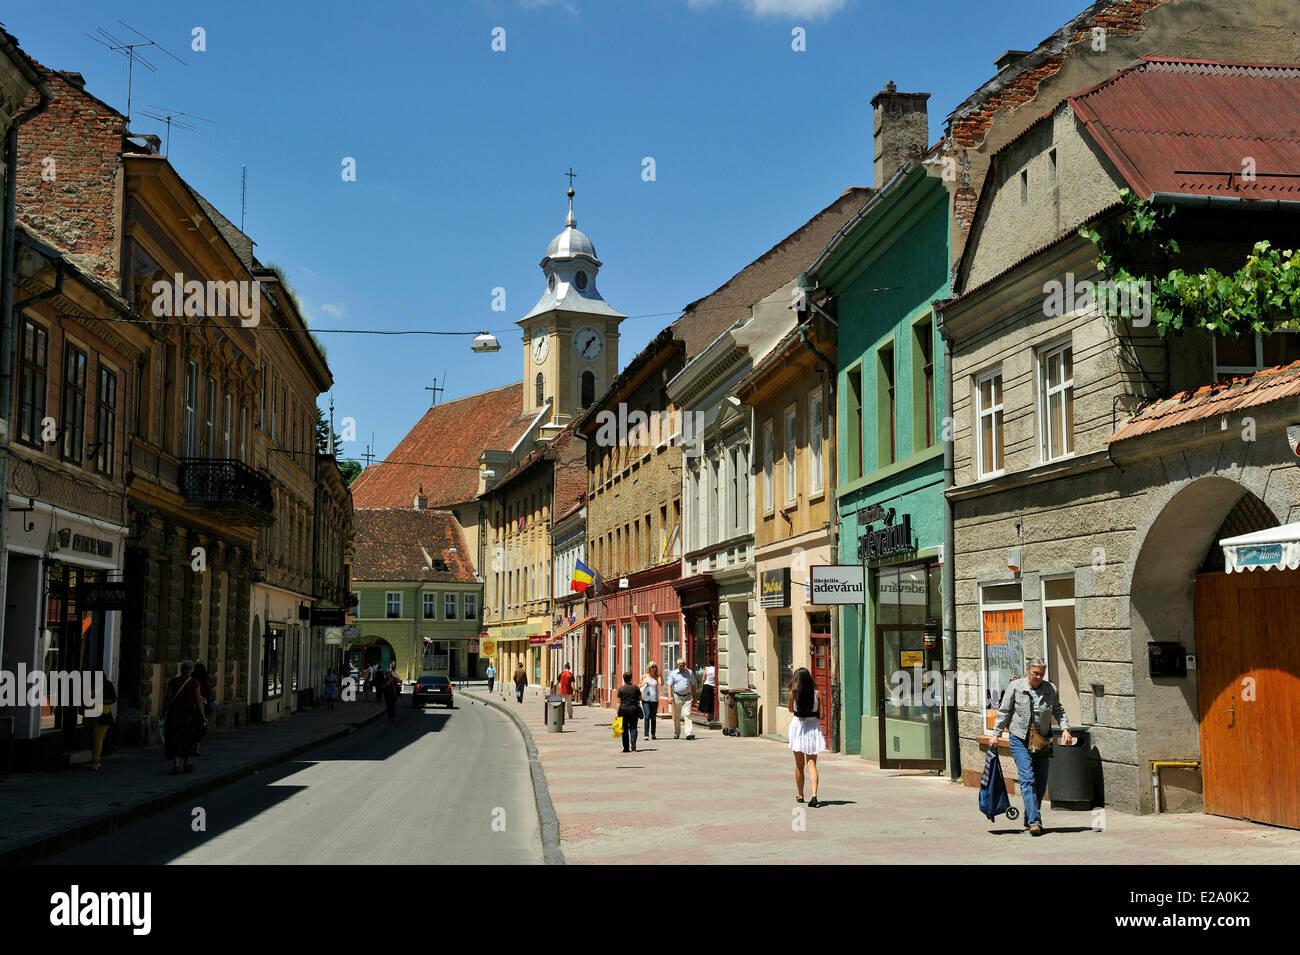 Romania, Transylvania, Brasov, strada Michael Weiss - Stock Image